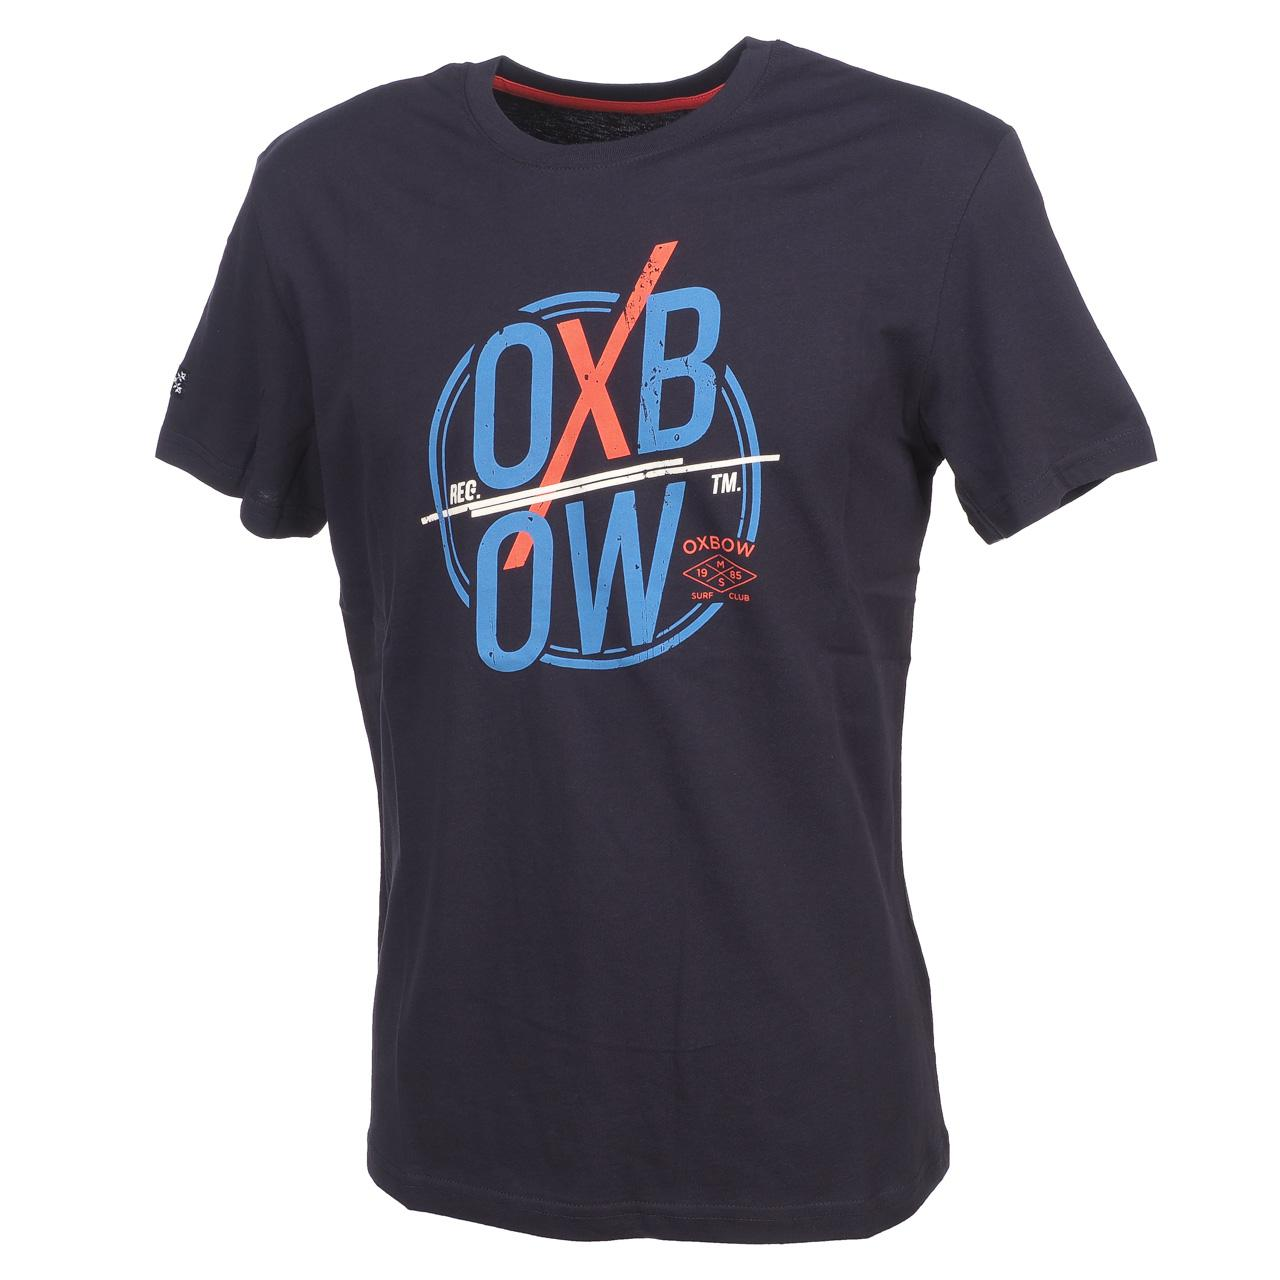 Short-Oxbow-Sanfre-Navy-Mc-Oxbow-Blue-47169-New